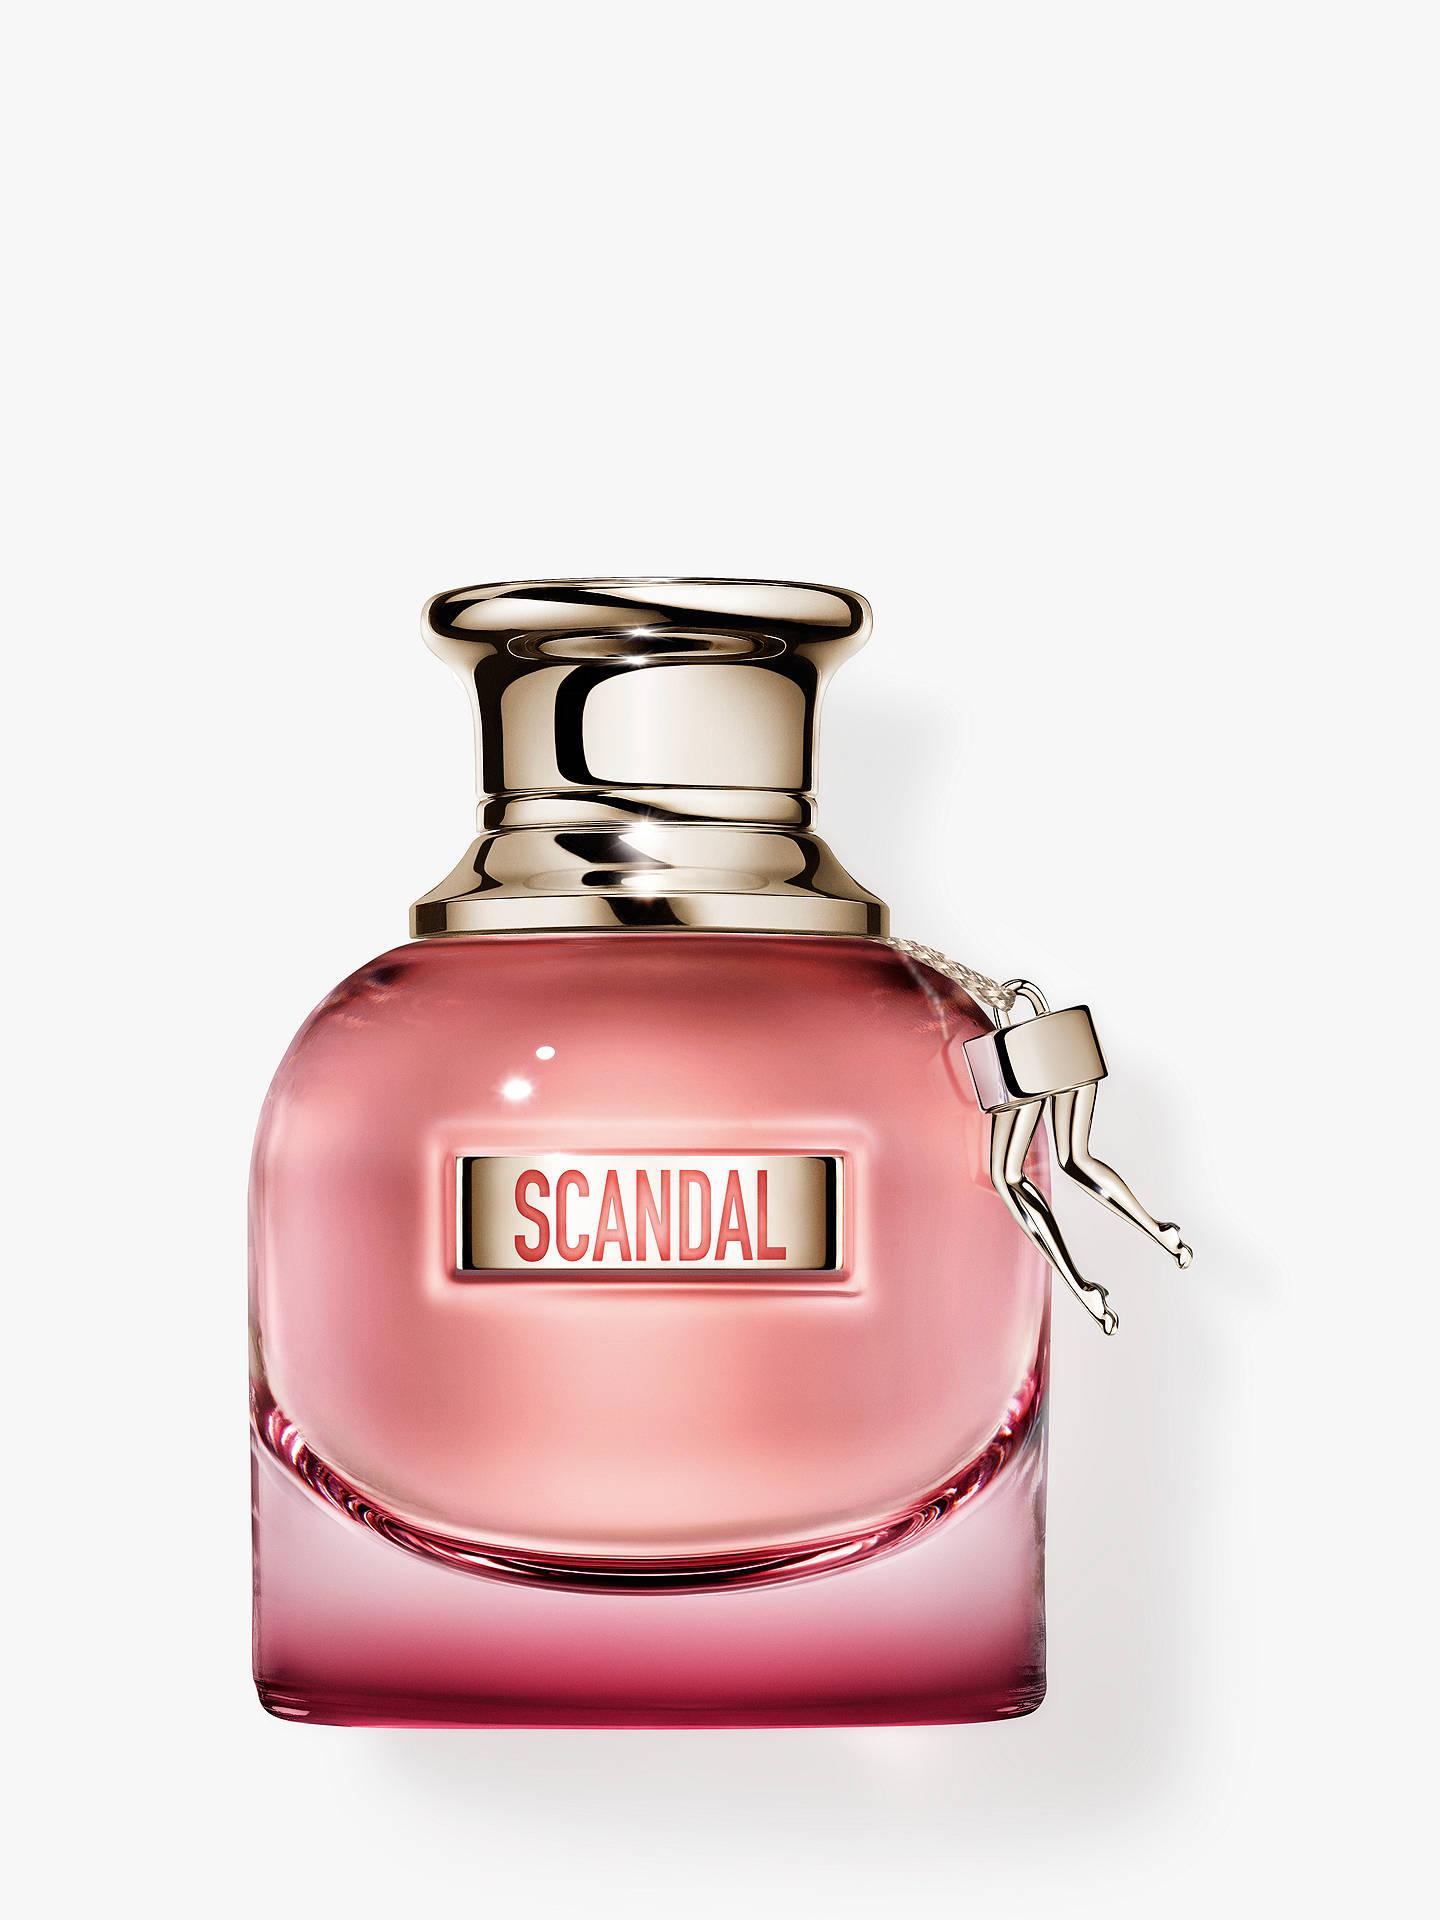 55c3b9d366b Jean Paul Gaultier Scandal By Night Eau de Parfum at John Lewis ...